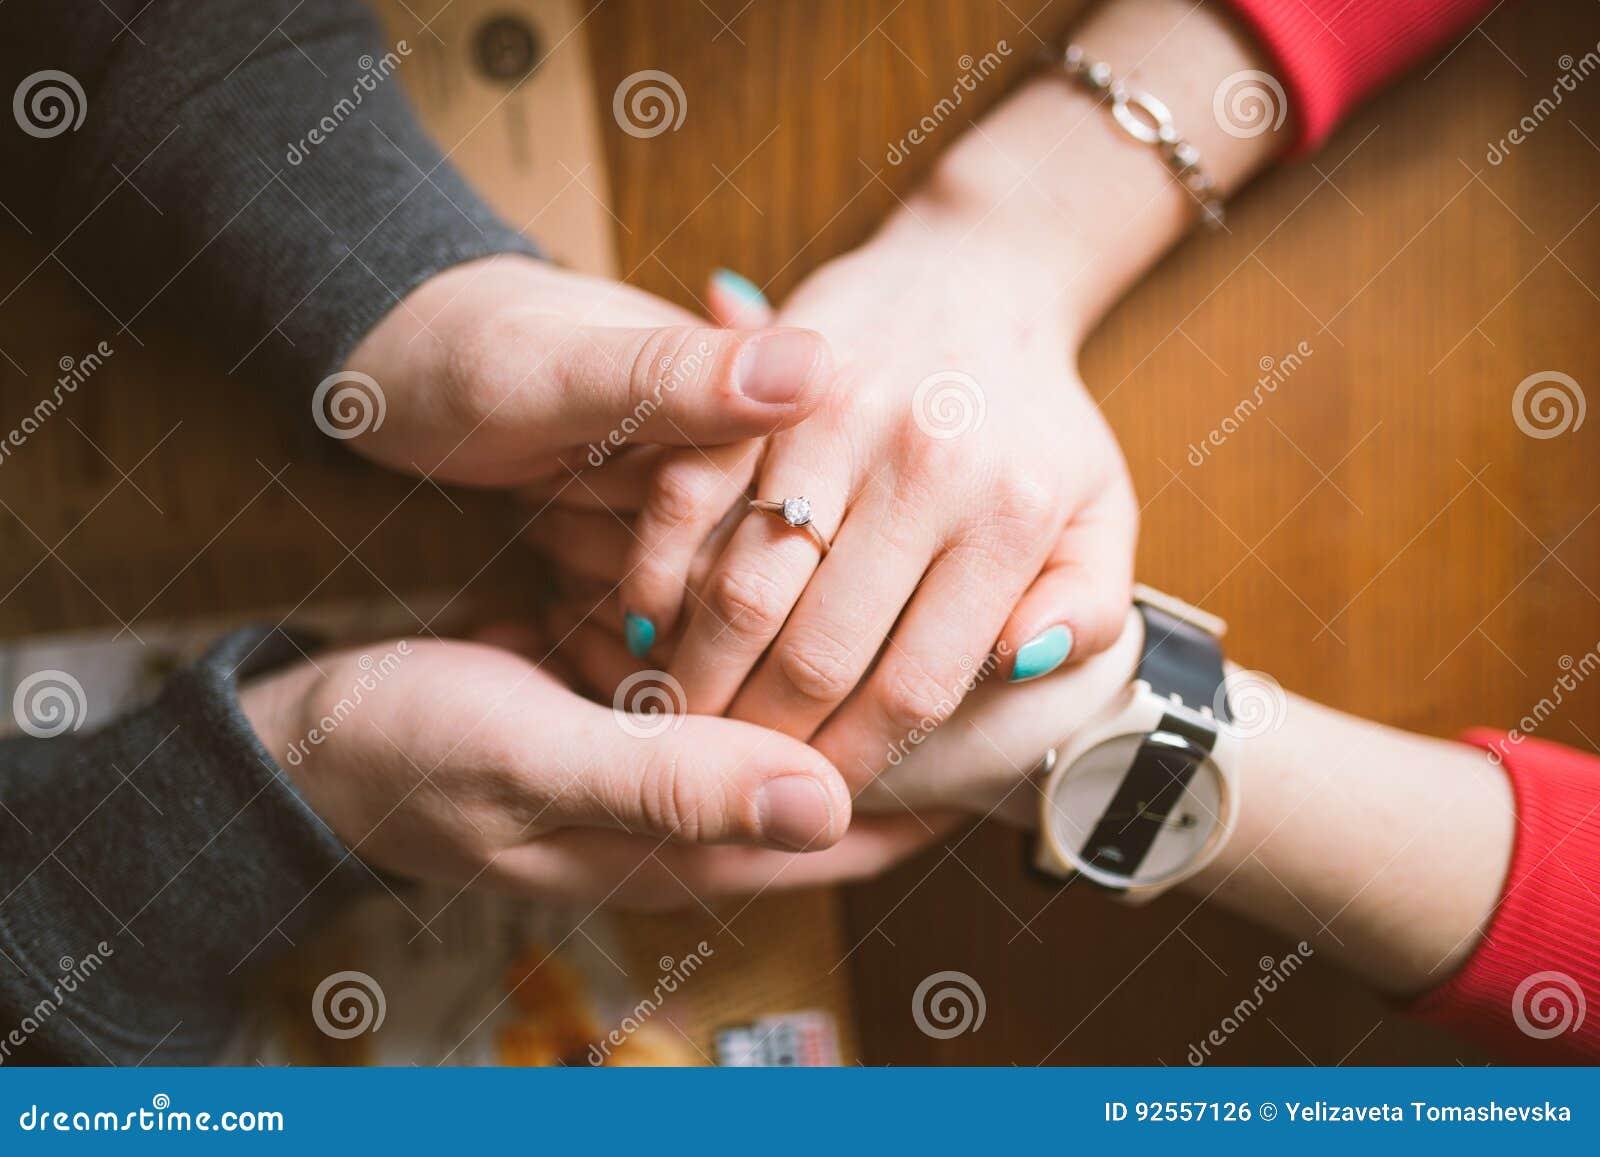 Händchen halten bedeutet